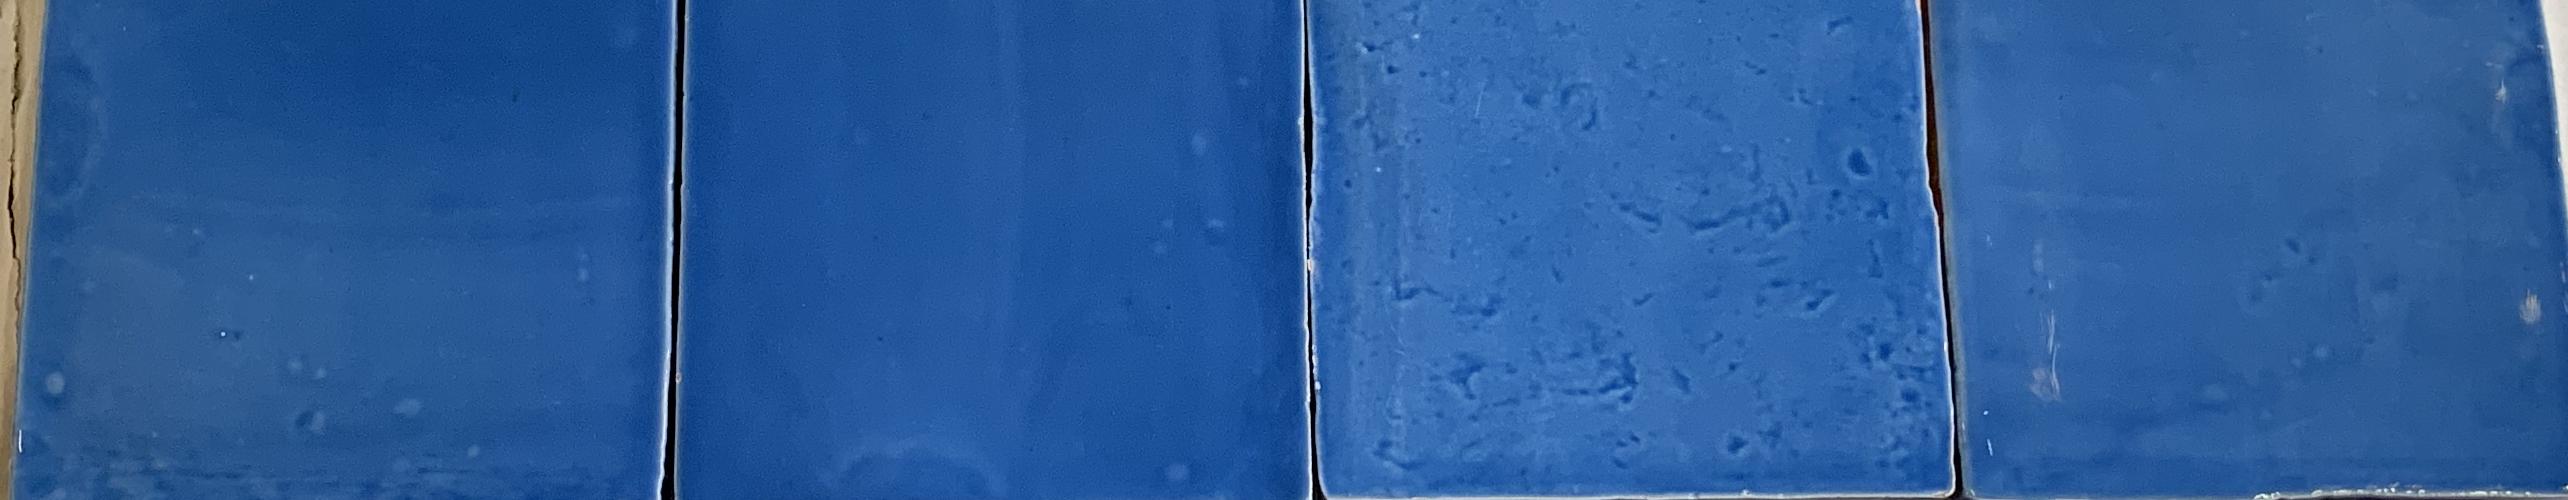 b_blau_r-45